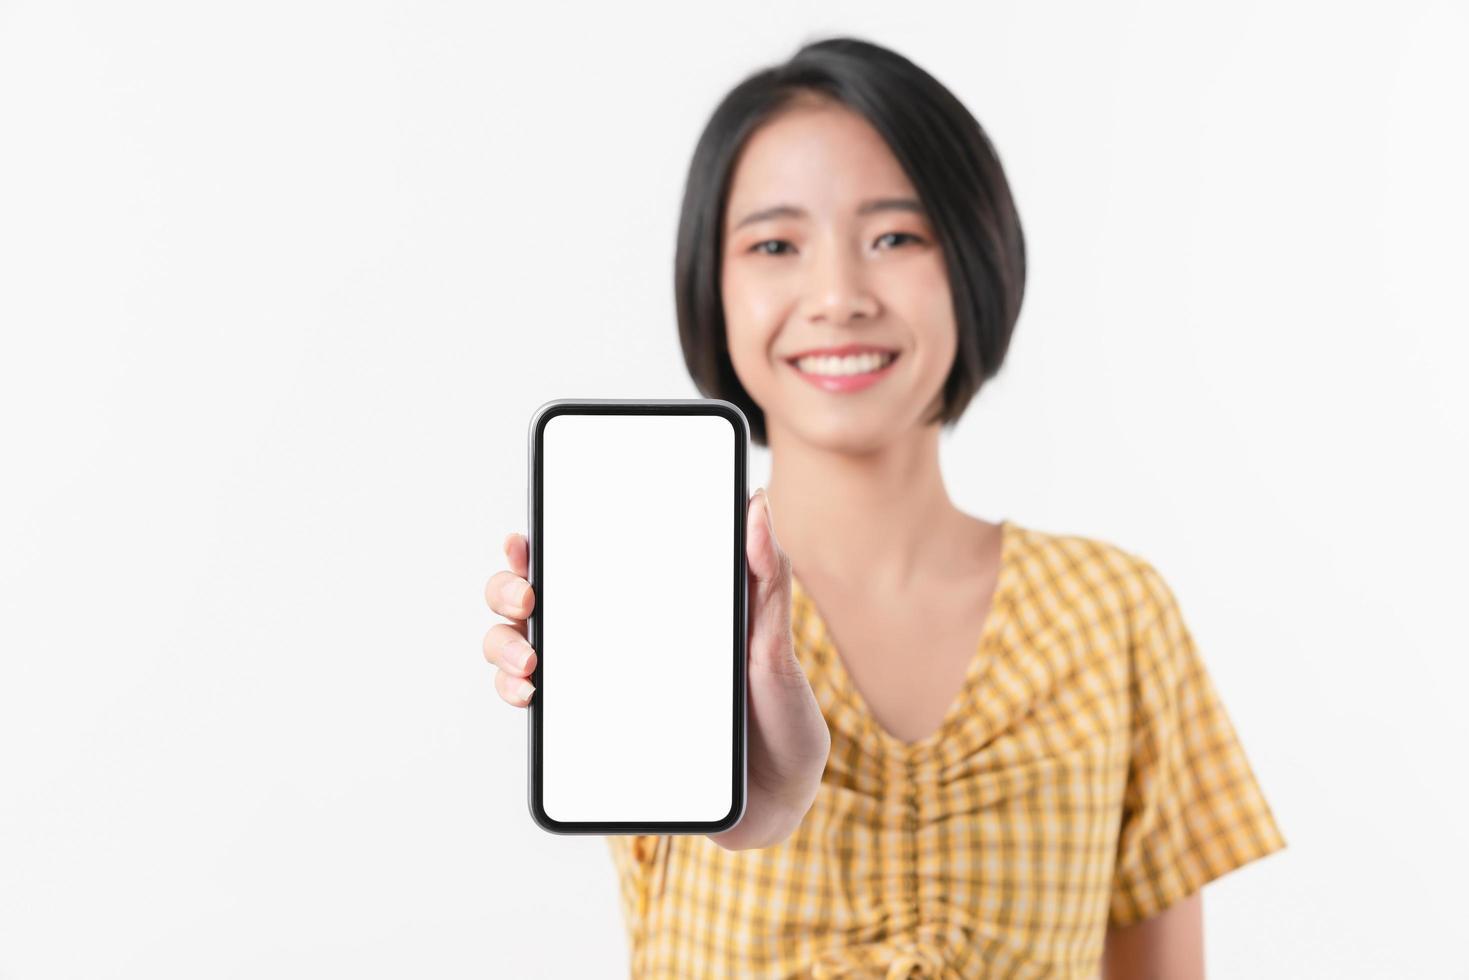 donna asiatica che dà smartphone su fondo bianco foto